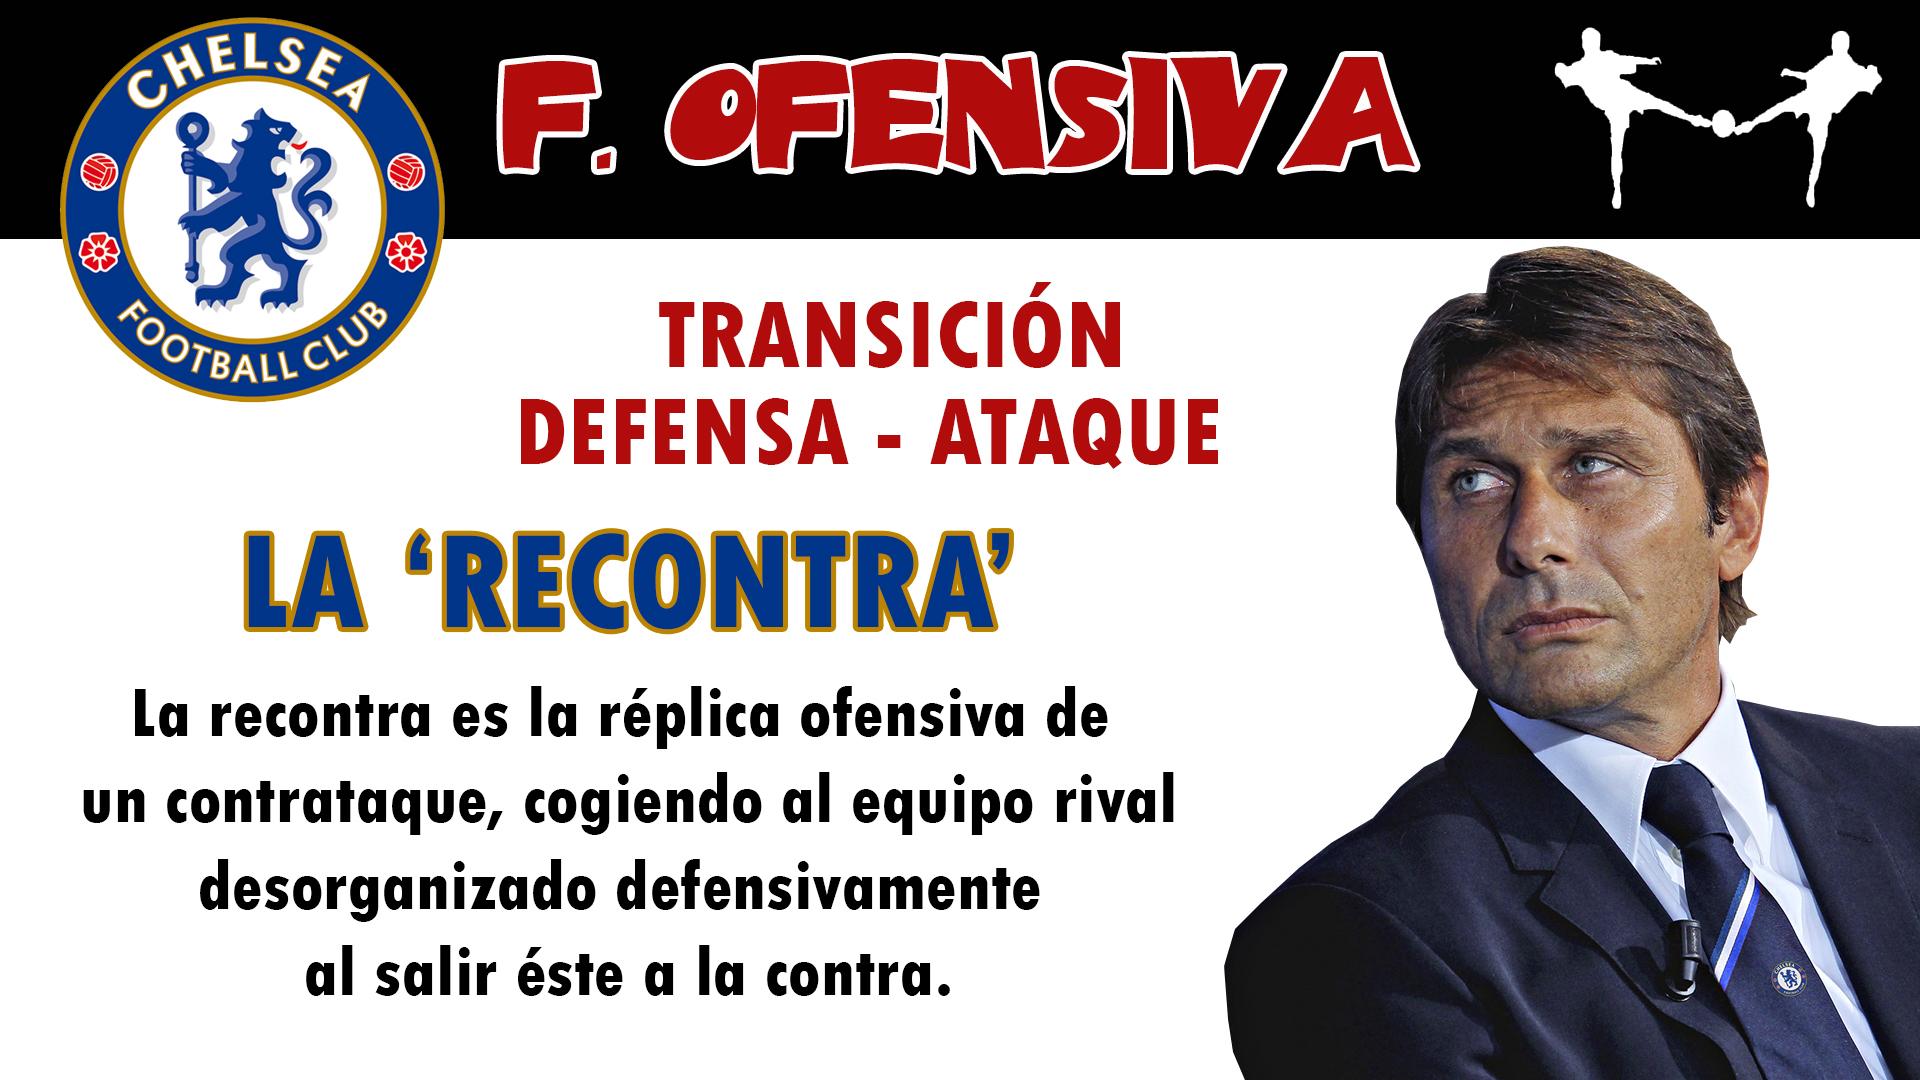 futbolcarrasco chelsea fc premier recontra contraataque analisis tactico